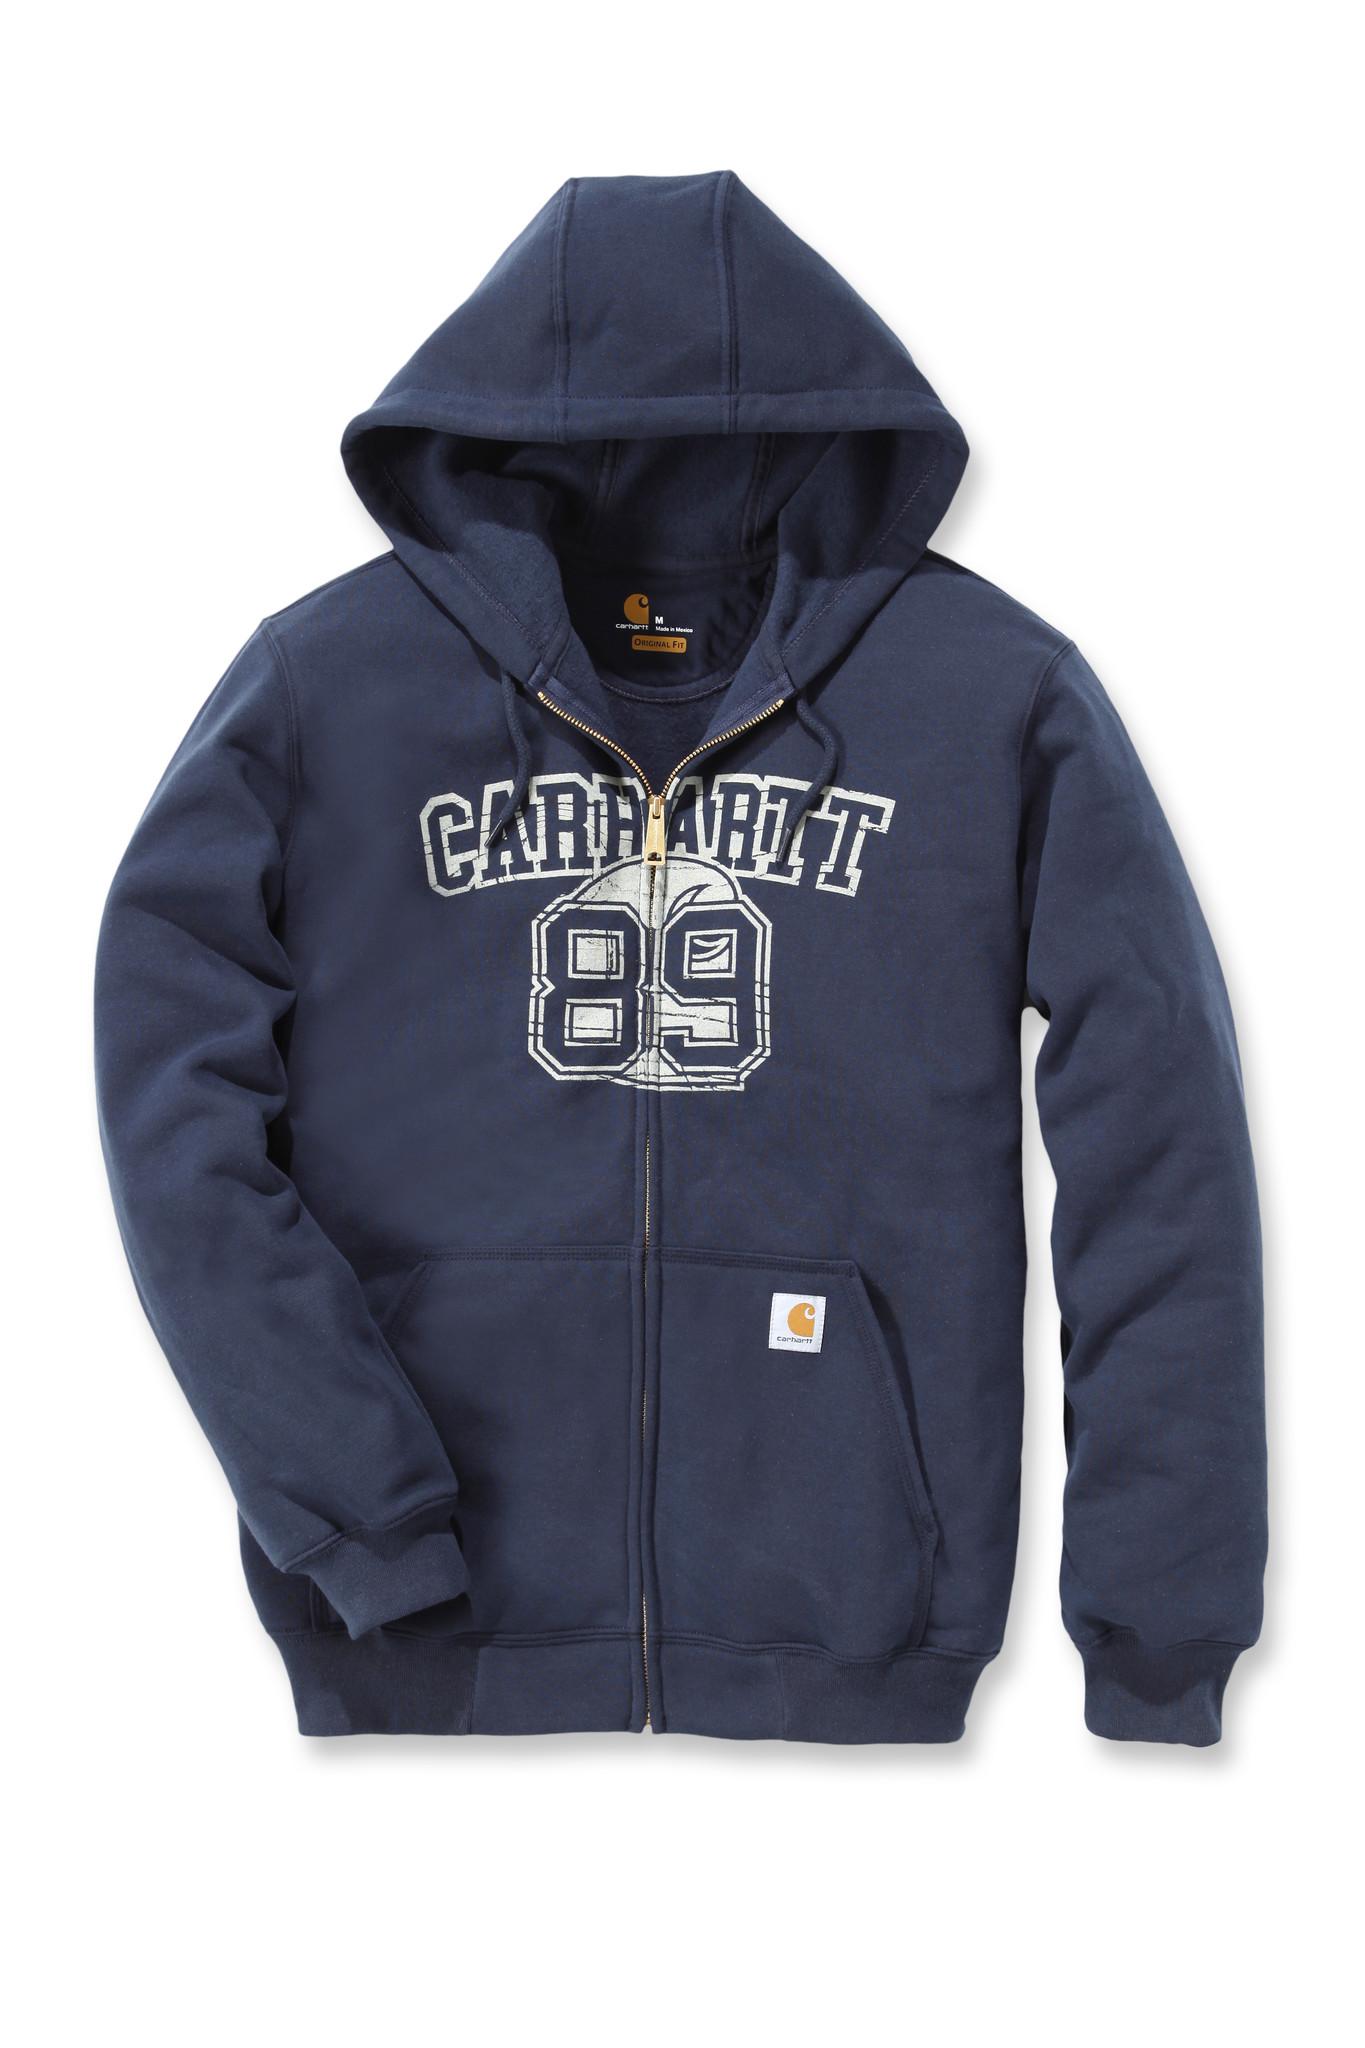 Carhartt 89